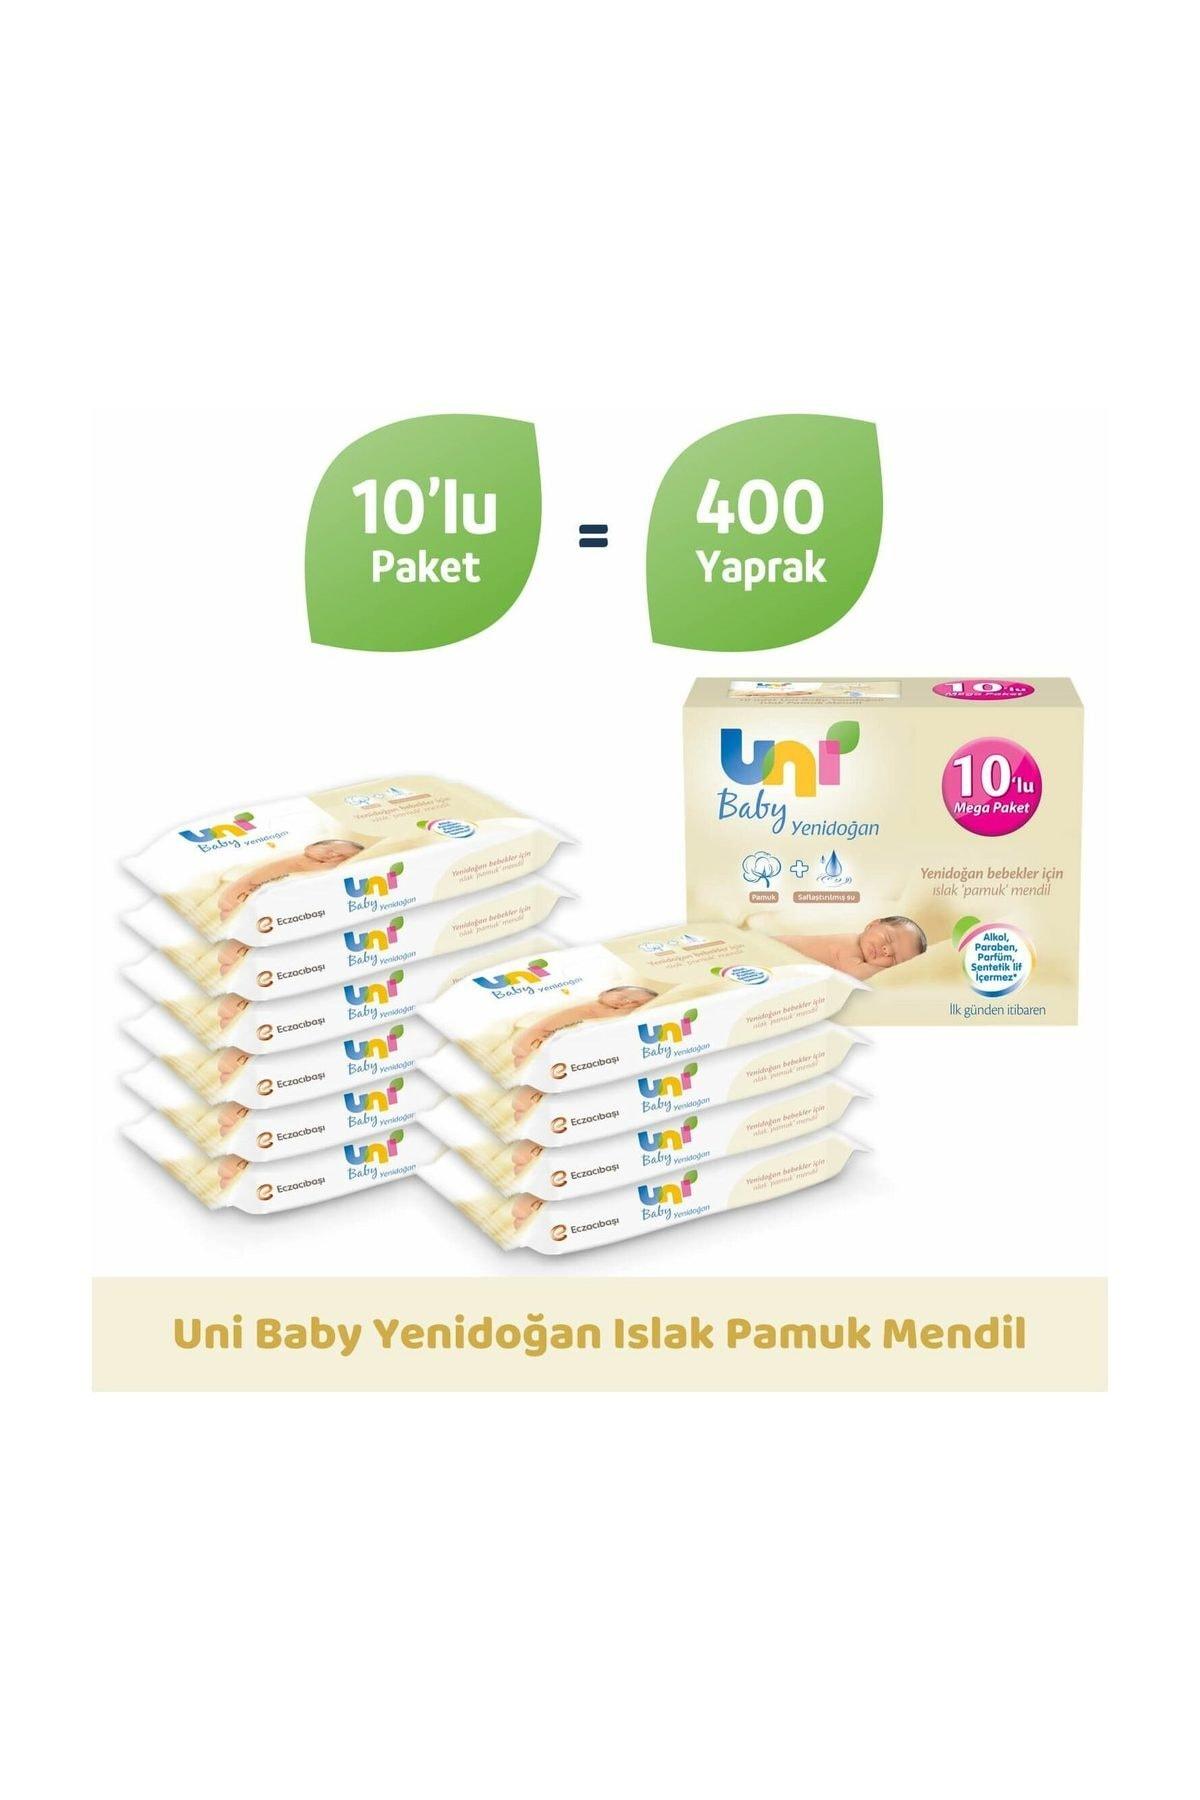 Uni Baby Yenidoğan Islak Mendil 10'lu Paket - 400 Yaprak 8692190010246 2